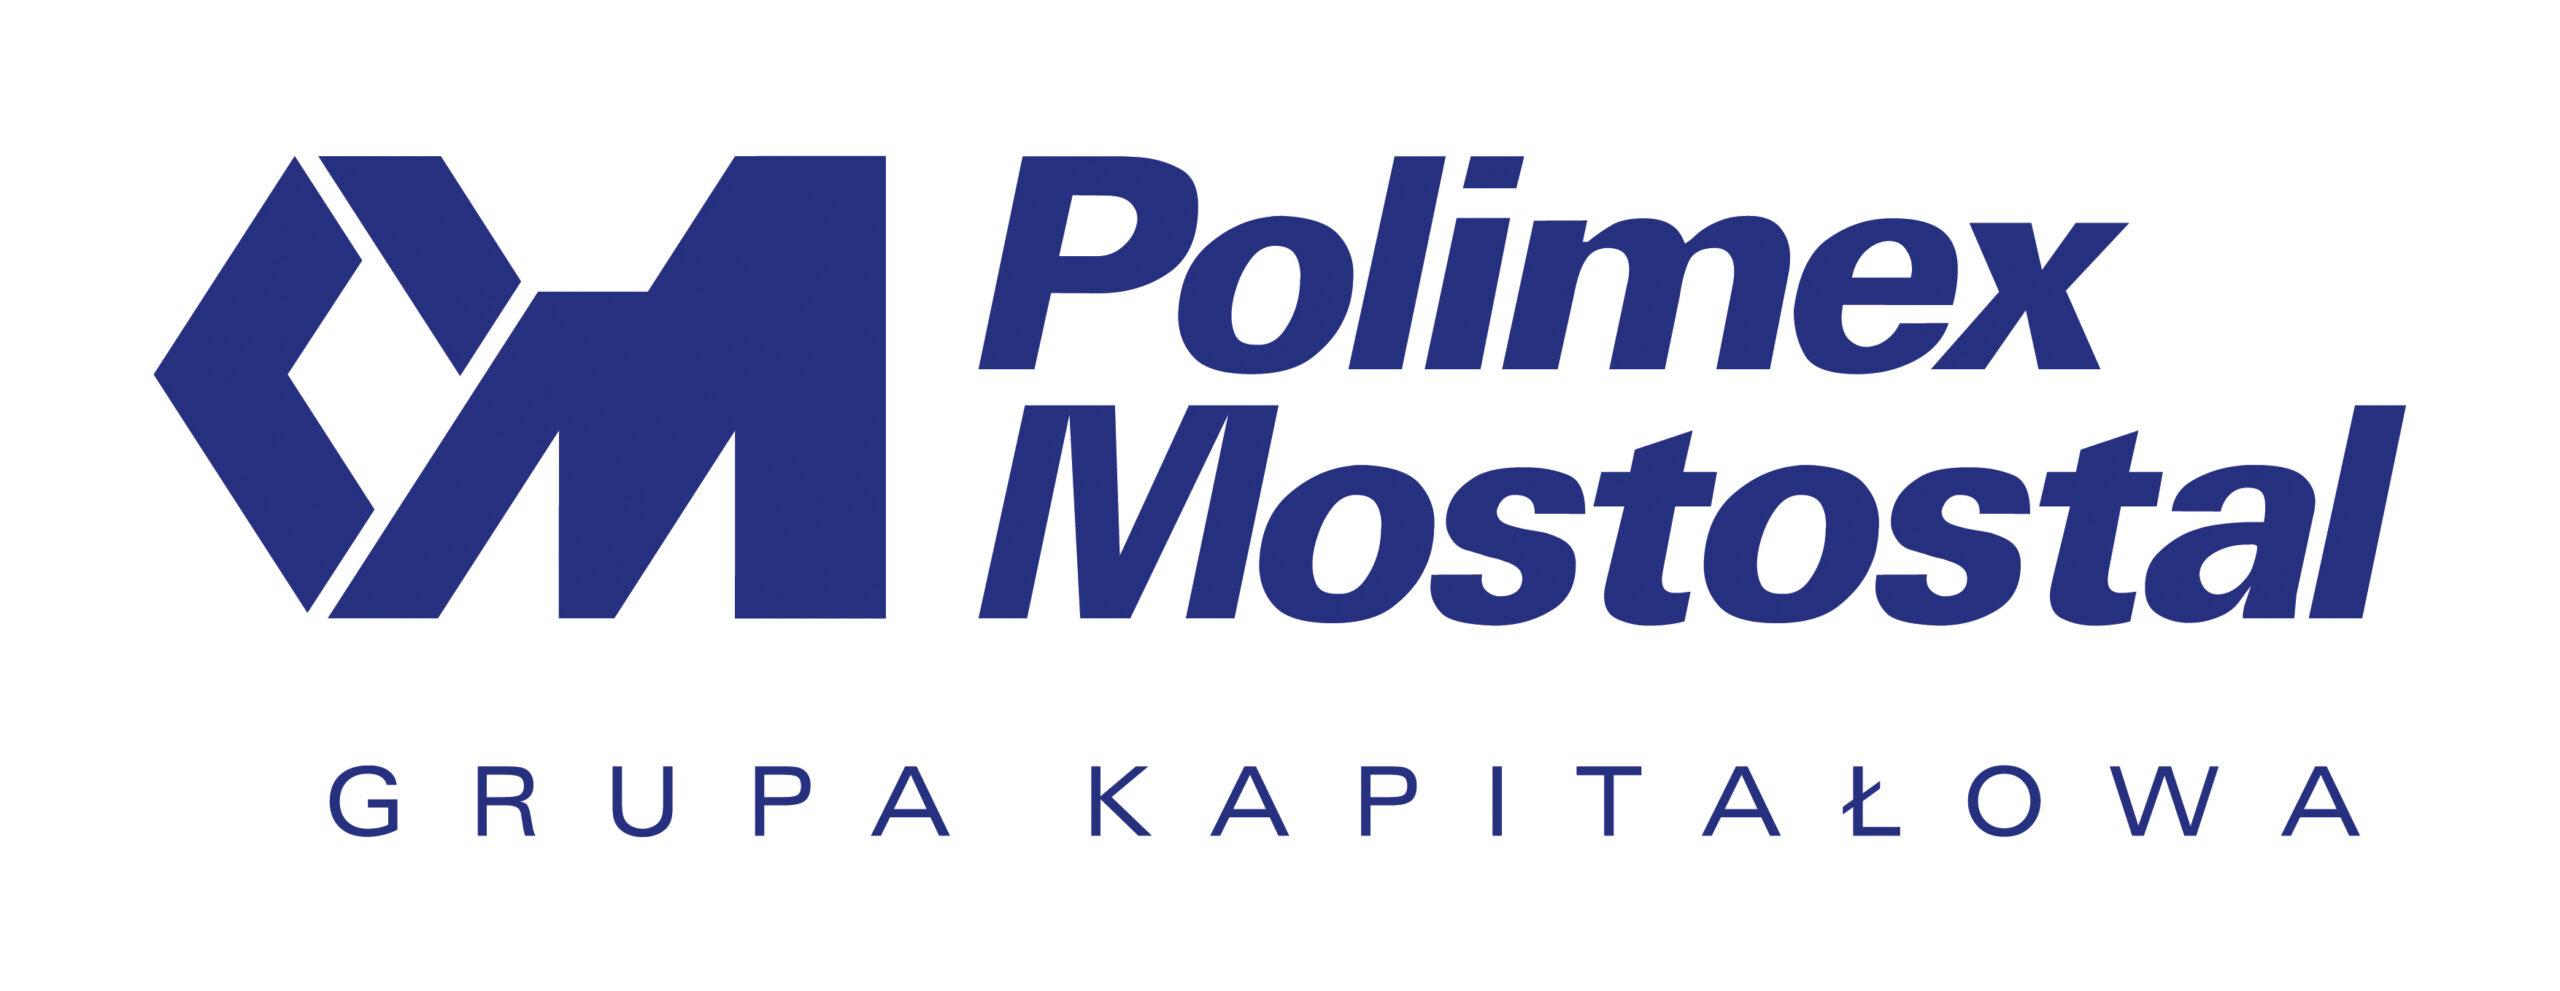 02_Polimex_Mostostal_GK